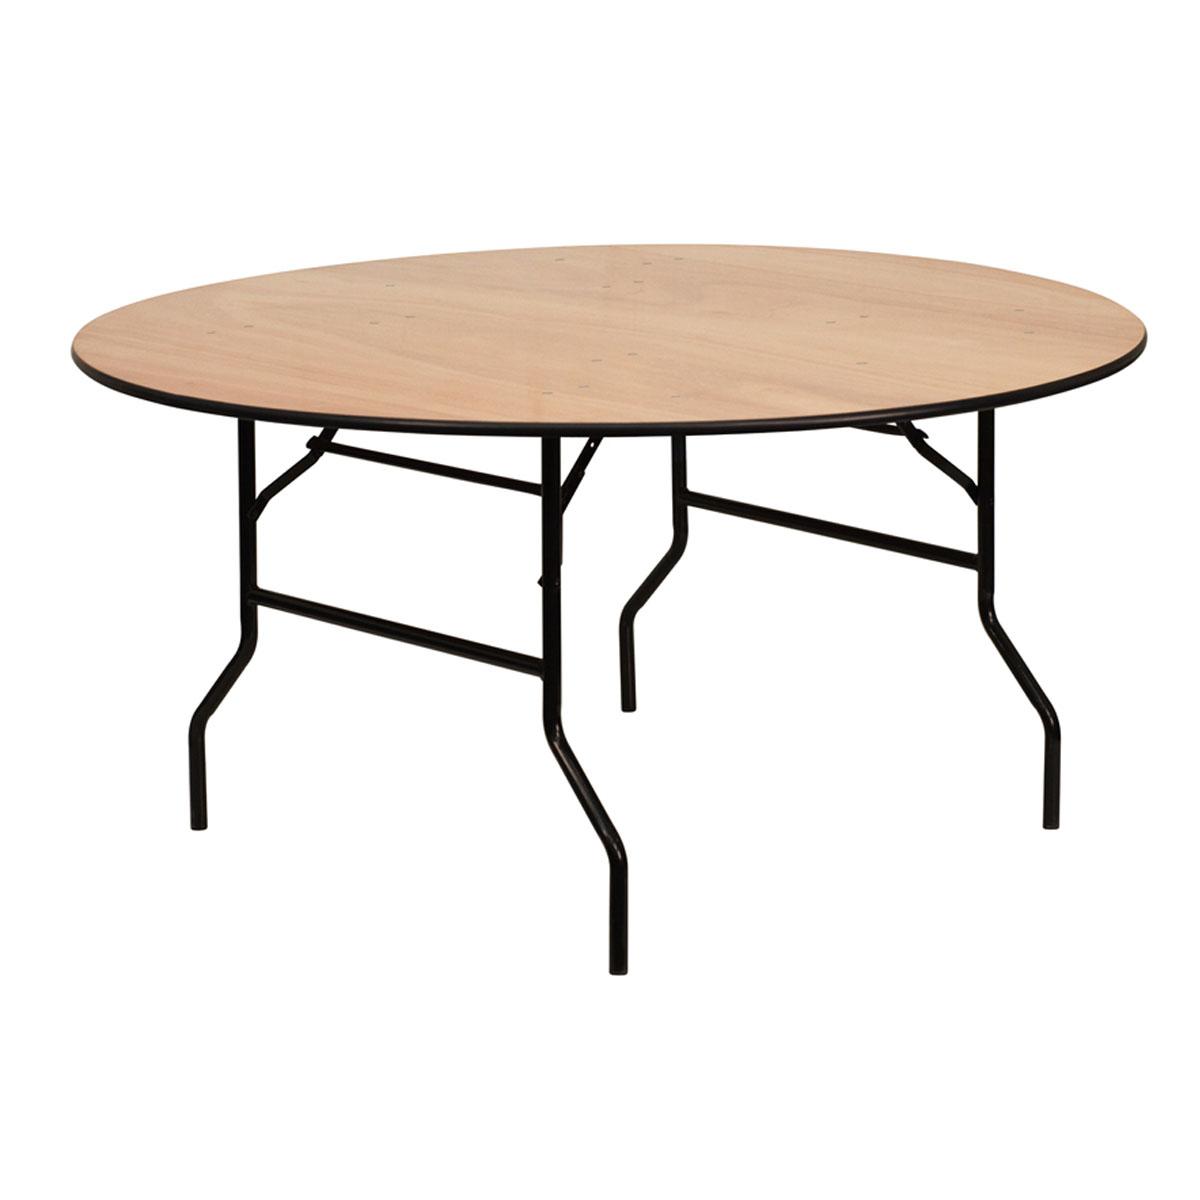 table pliante ronde bois 183 cm